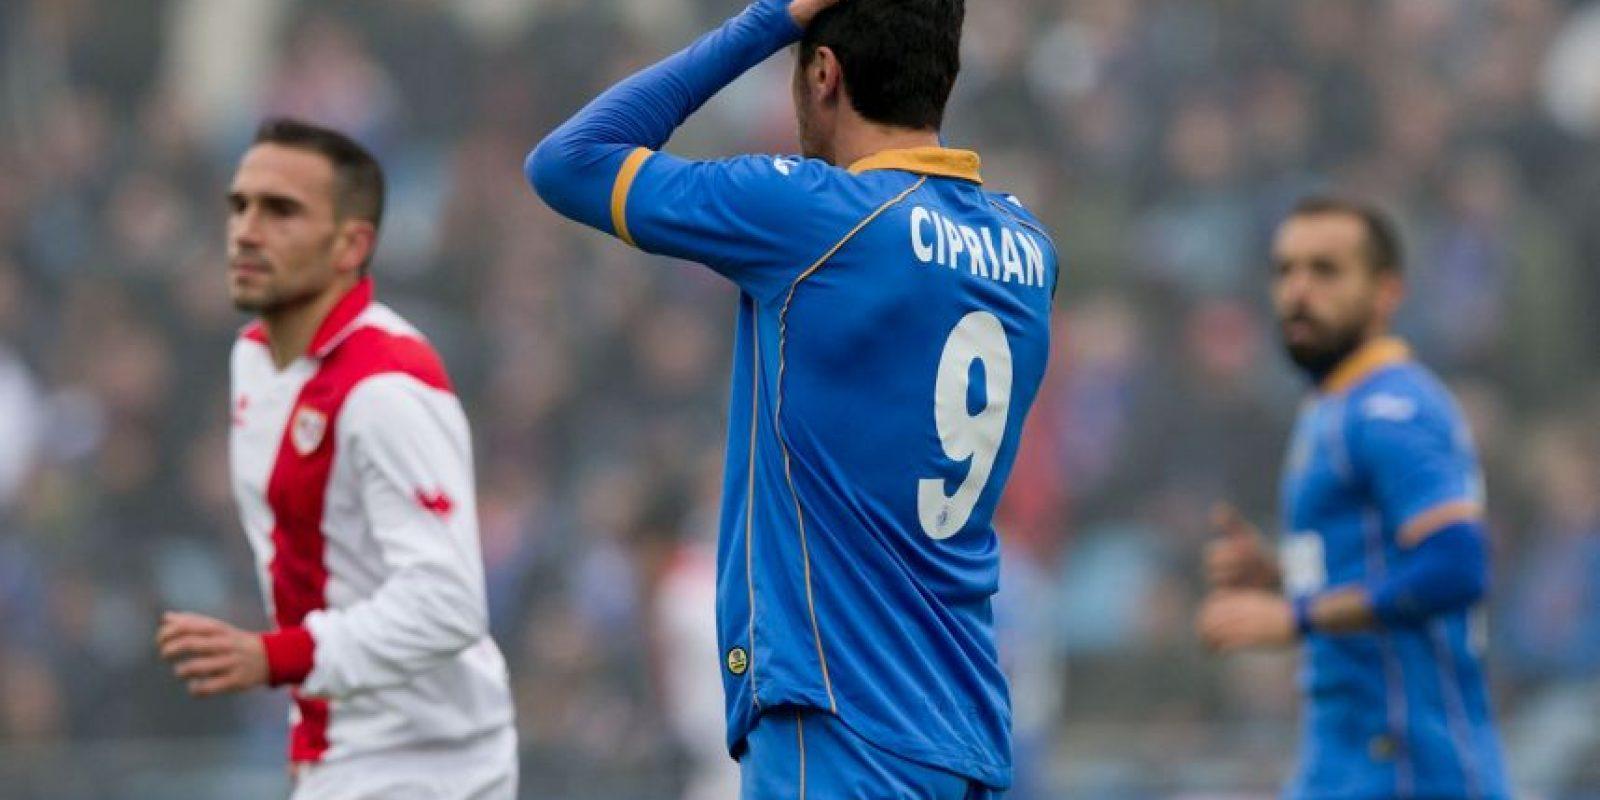 Por algo, este futbolista rumano no lleva su apellido en la espalda. Pasó por el fútbol de España. Foto:Getty Images